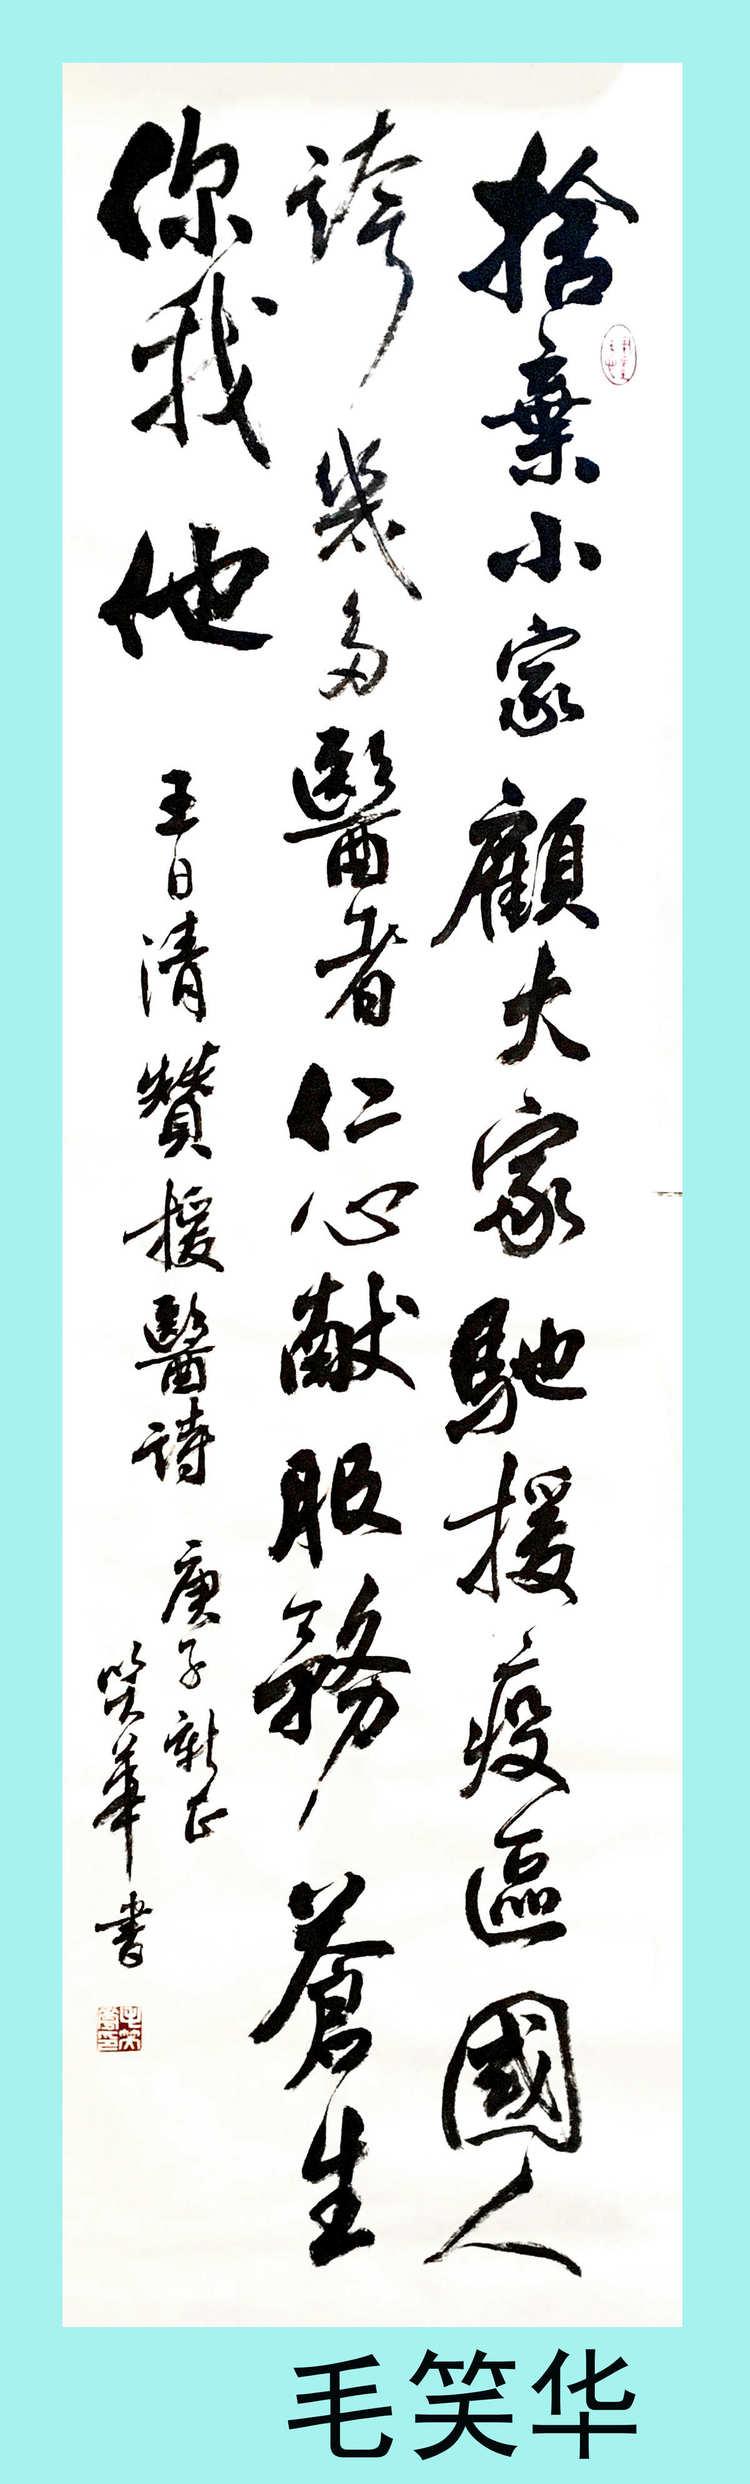 众志成城,抗击病毒, 不获全胜决不罢休——江山市老年书画研究会的会员用手中的画笔讴歌抗击疫情中的英雄事迹和模范代表